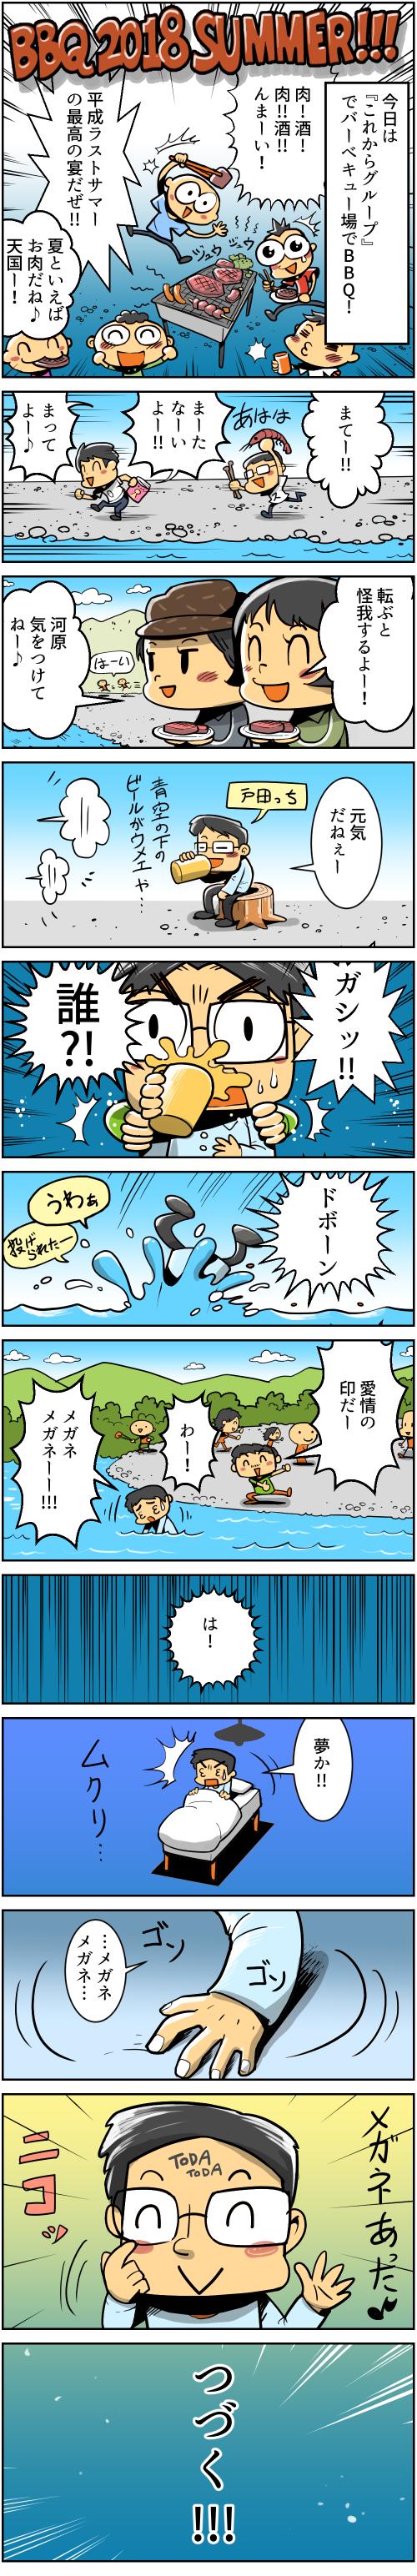 weekly_comic_28c.jpg